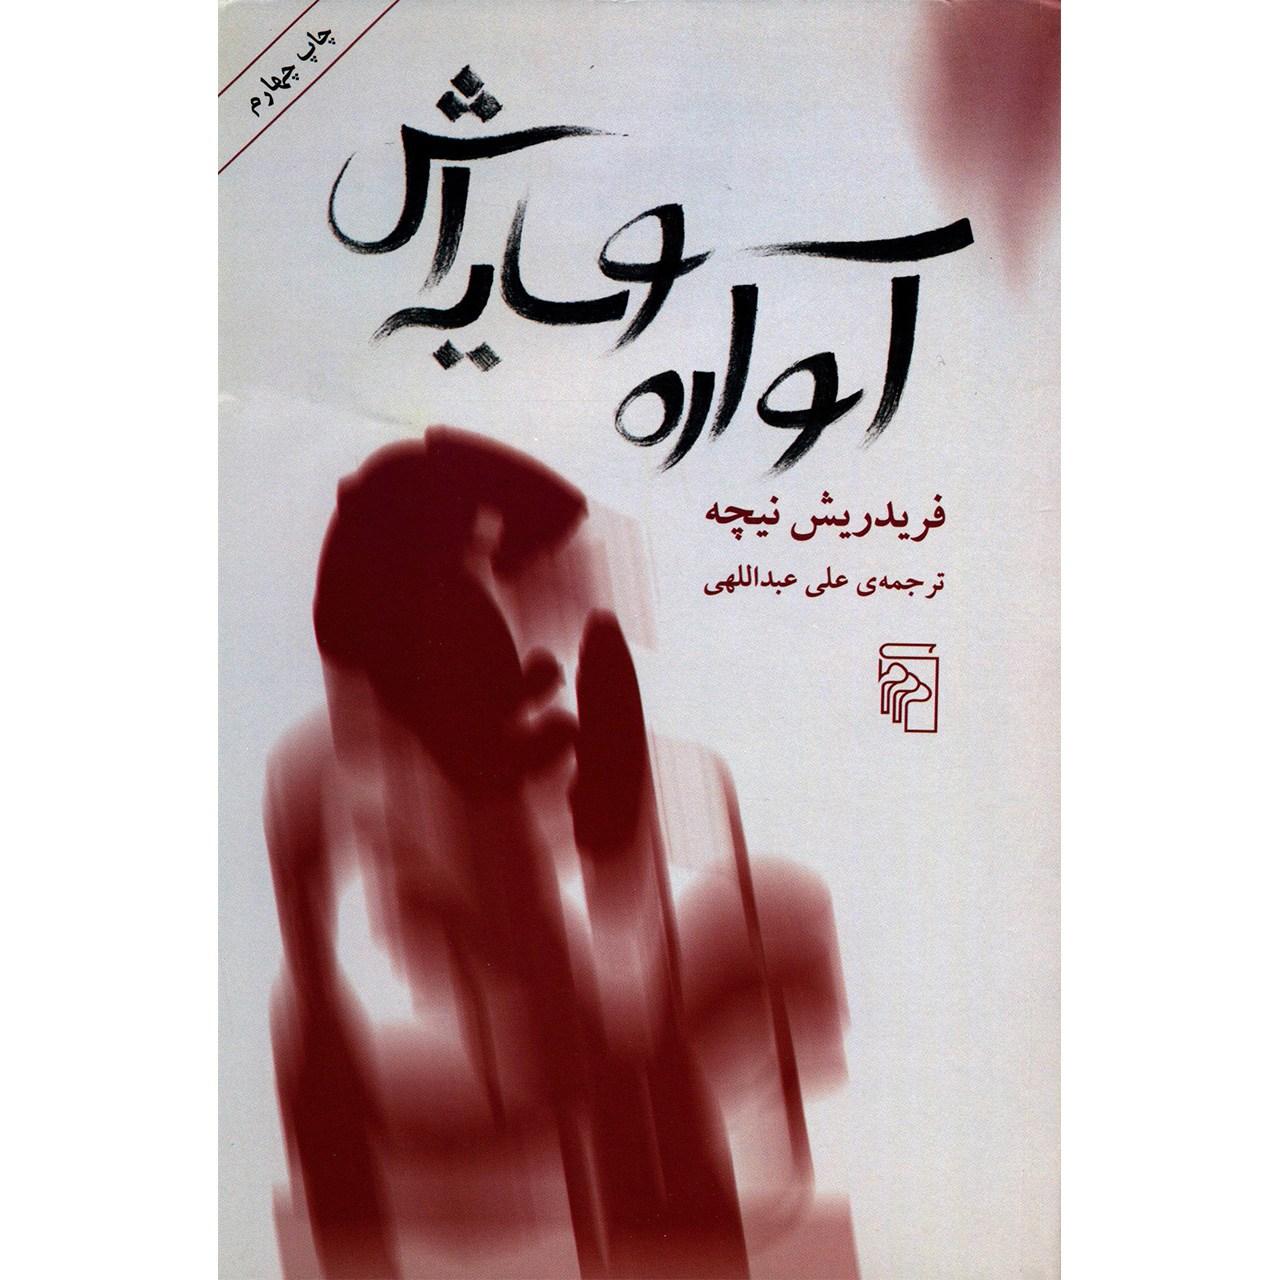 خرید                      کتاب آواره و سایه اش اثر فریدریش نیچه